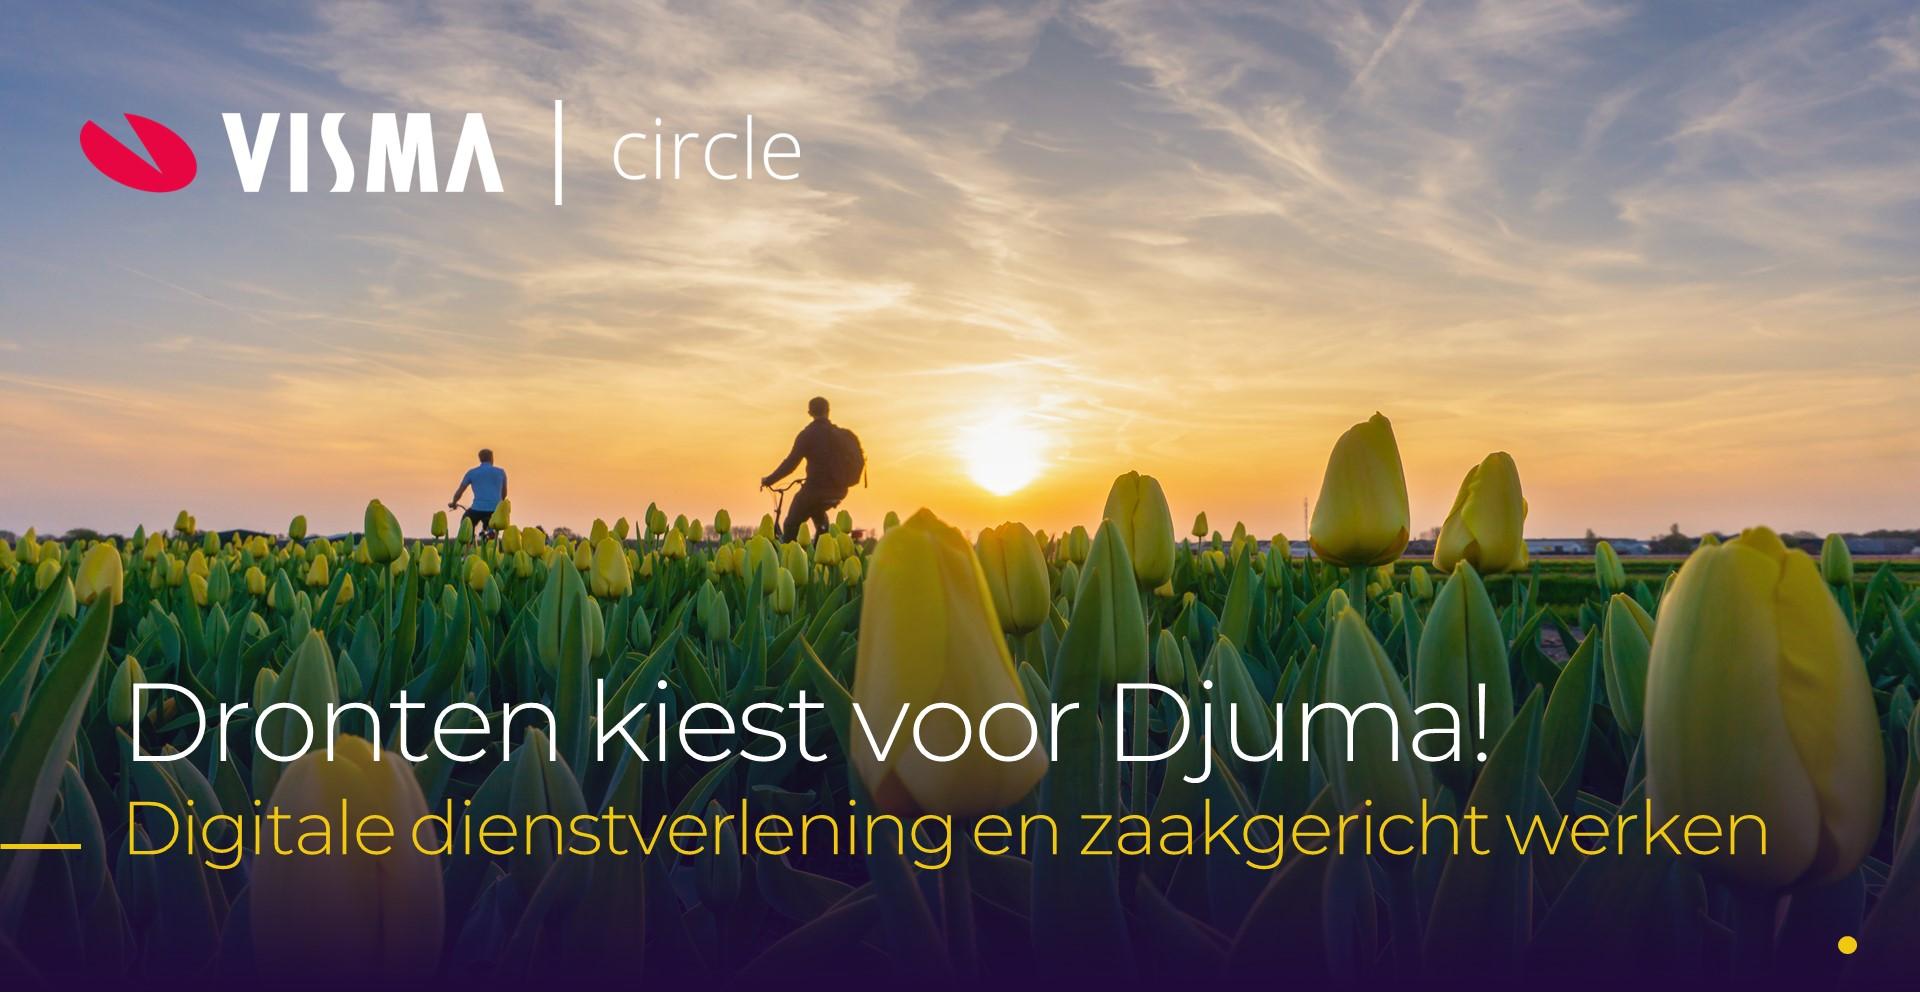 Gemeente Dronten kiest voor Djuma van Visma Circle